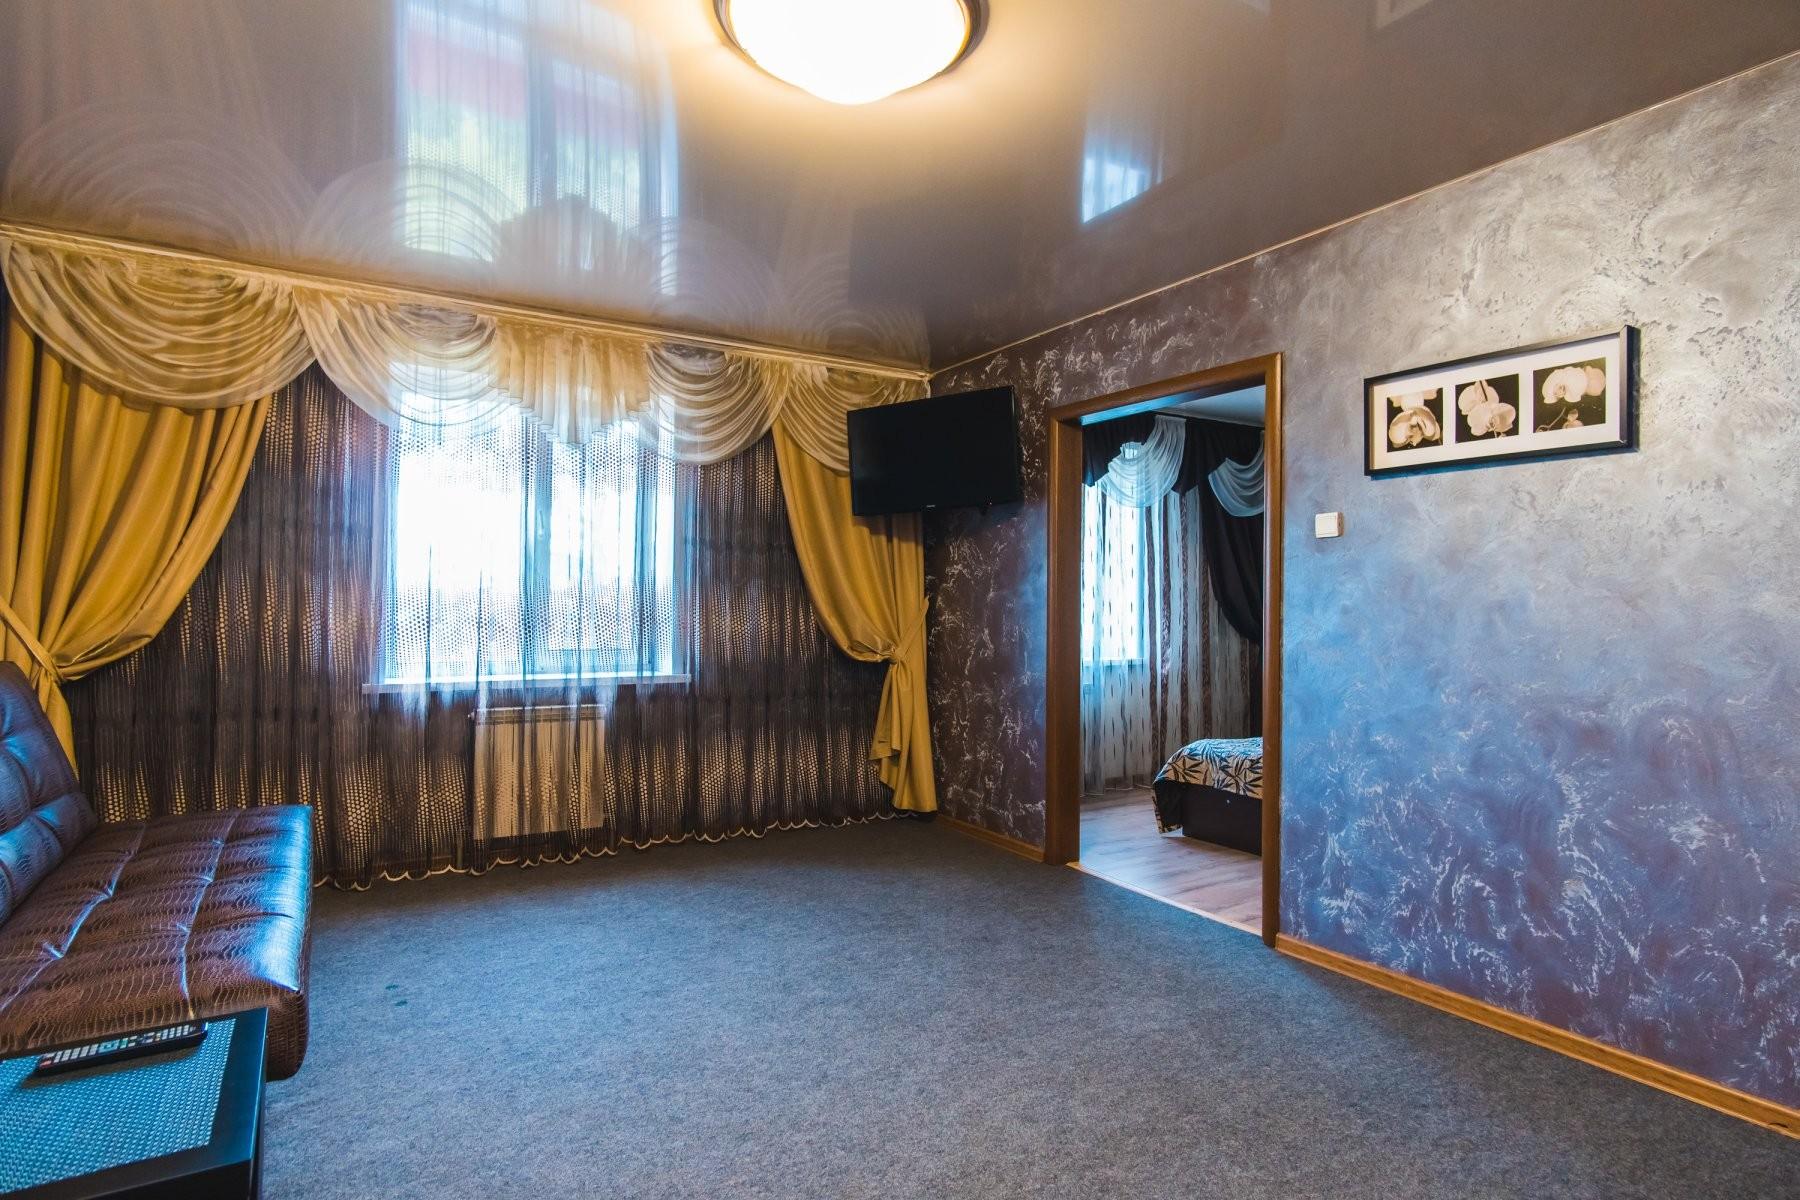 Шоколад, гостиничный комплекс - №23